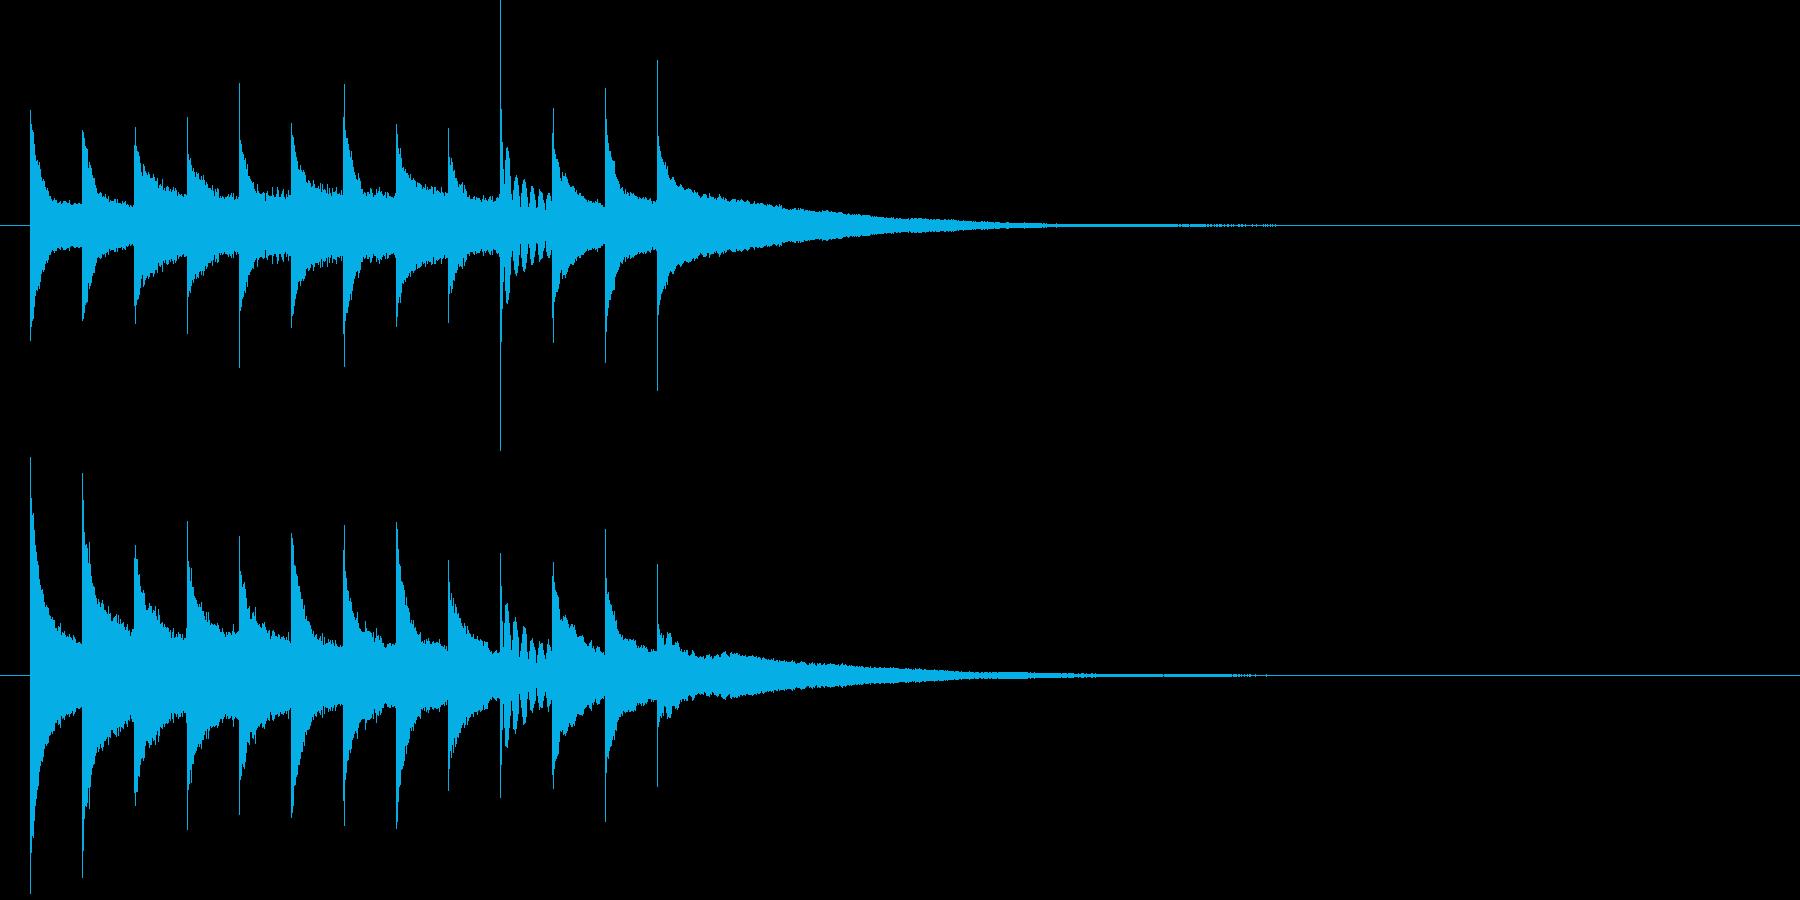 クリスマスに合うグロッケンのジングルの再生済みの波形